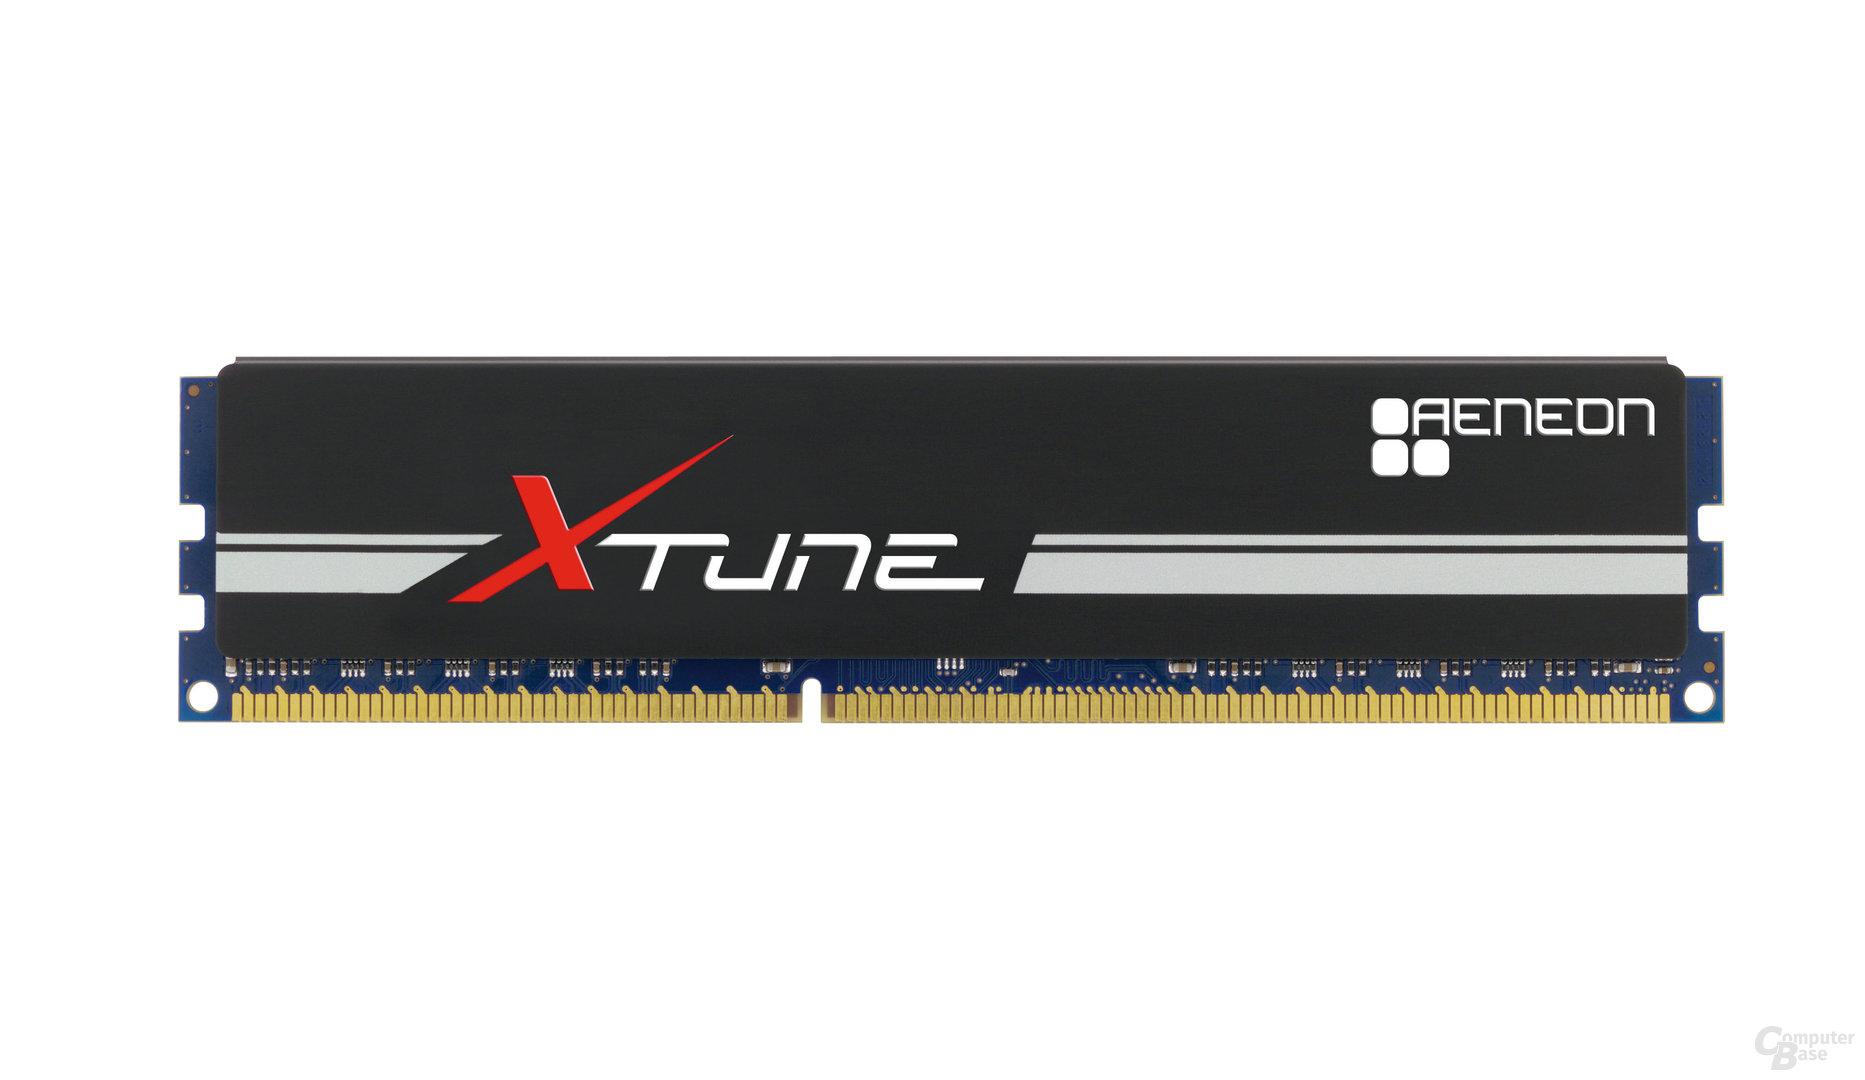 Aeneon XTUNE DDR3-1600